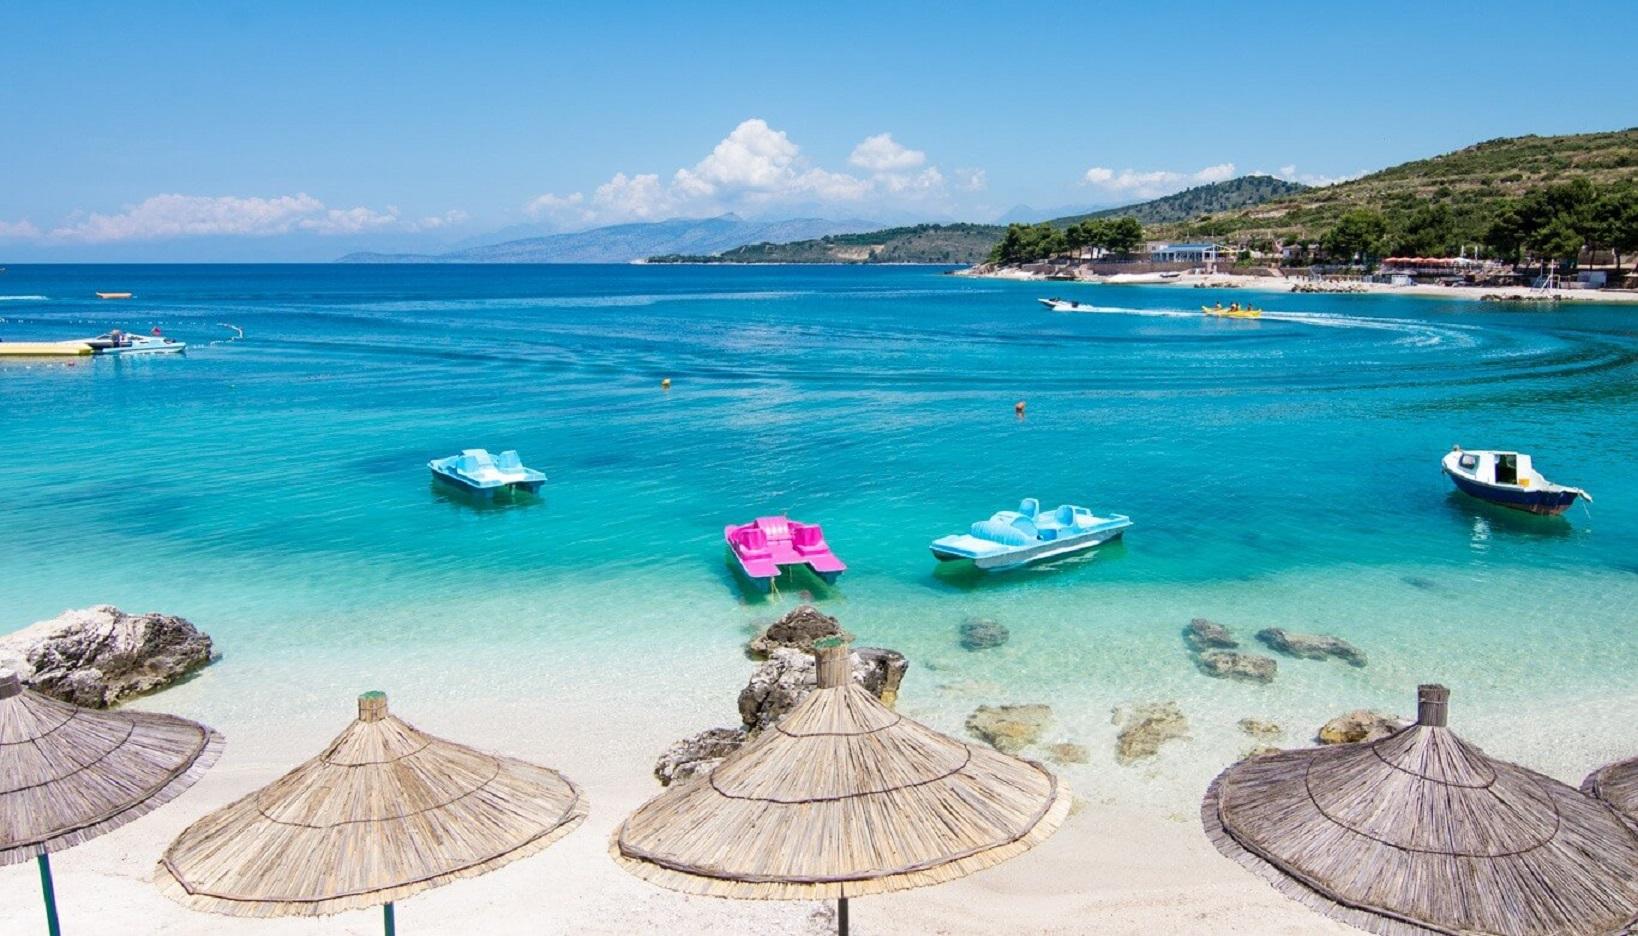 ≡ Горящие Туры в Албанию ▷ купить путевку на отдых в Албании ...